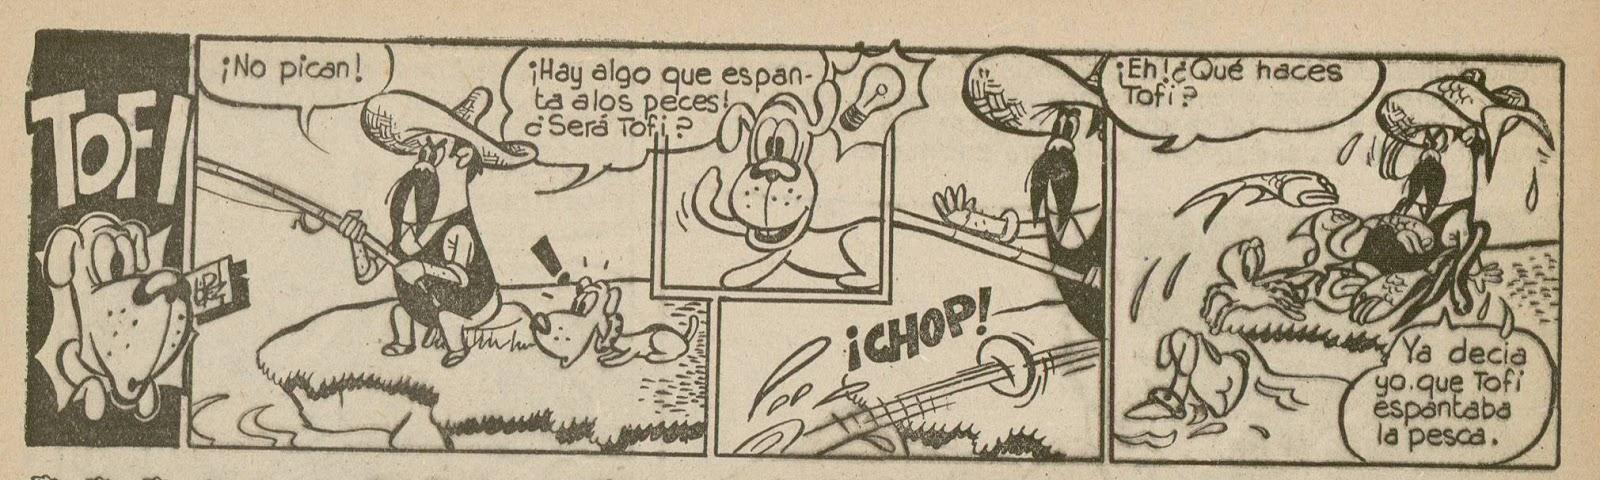 Tofi (Jan) Yumbo nº  230